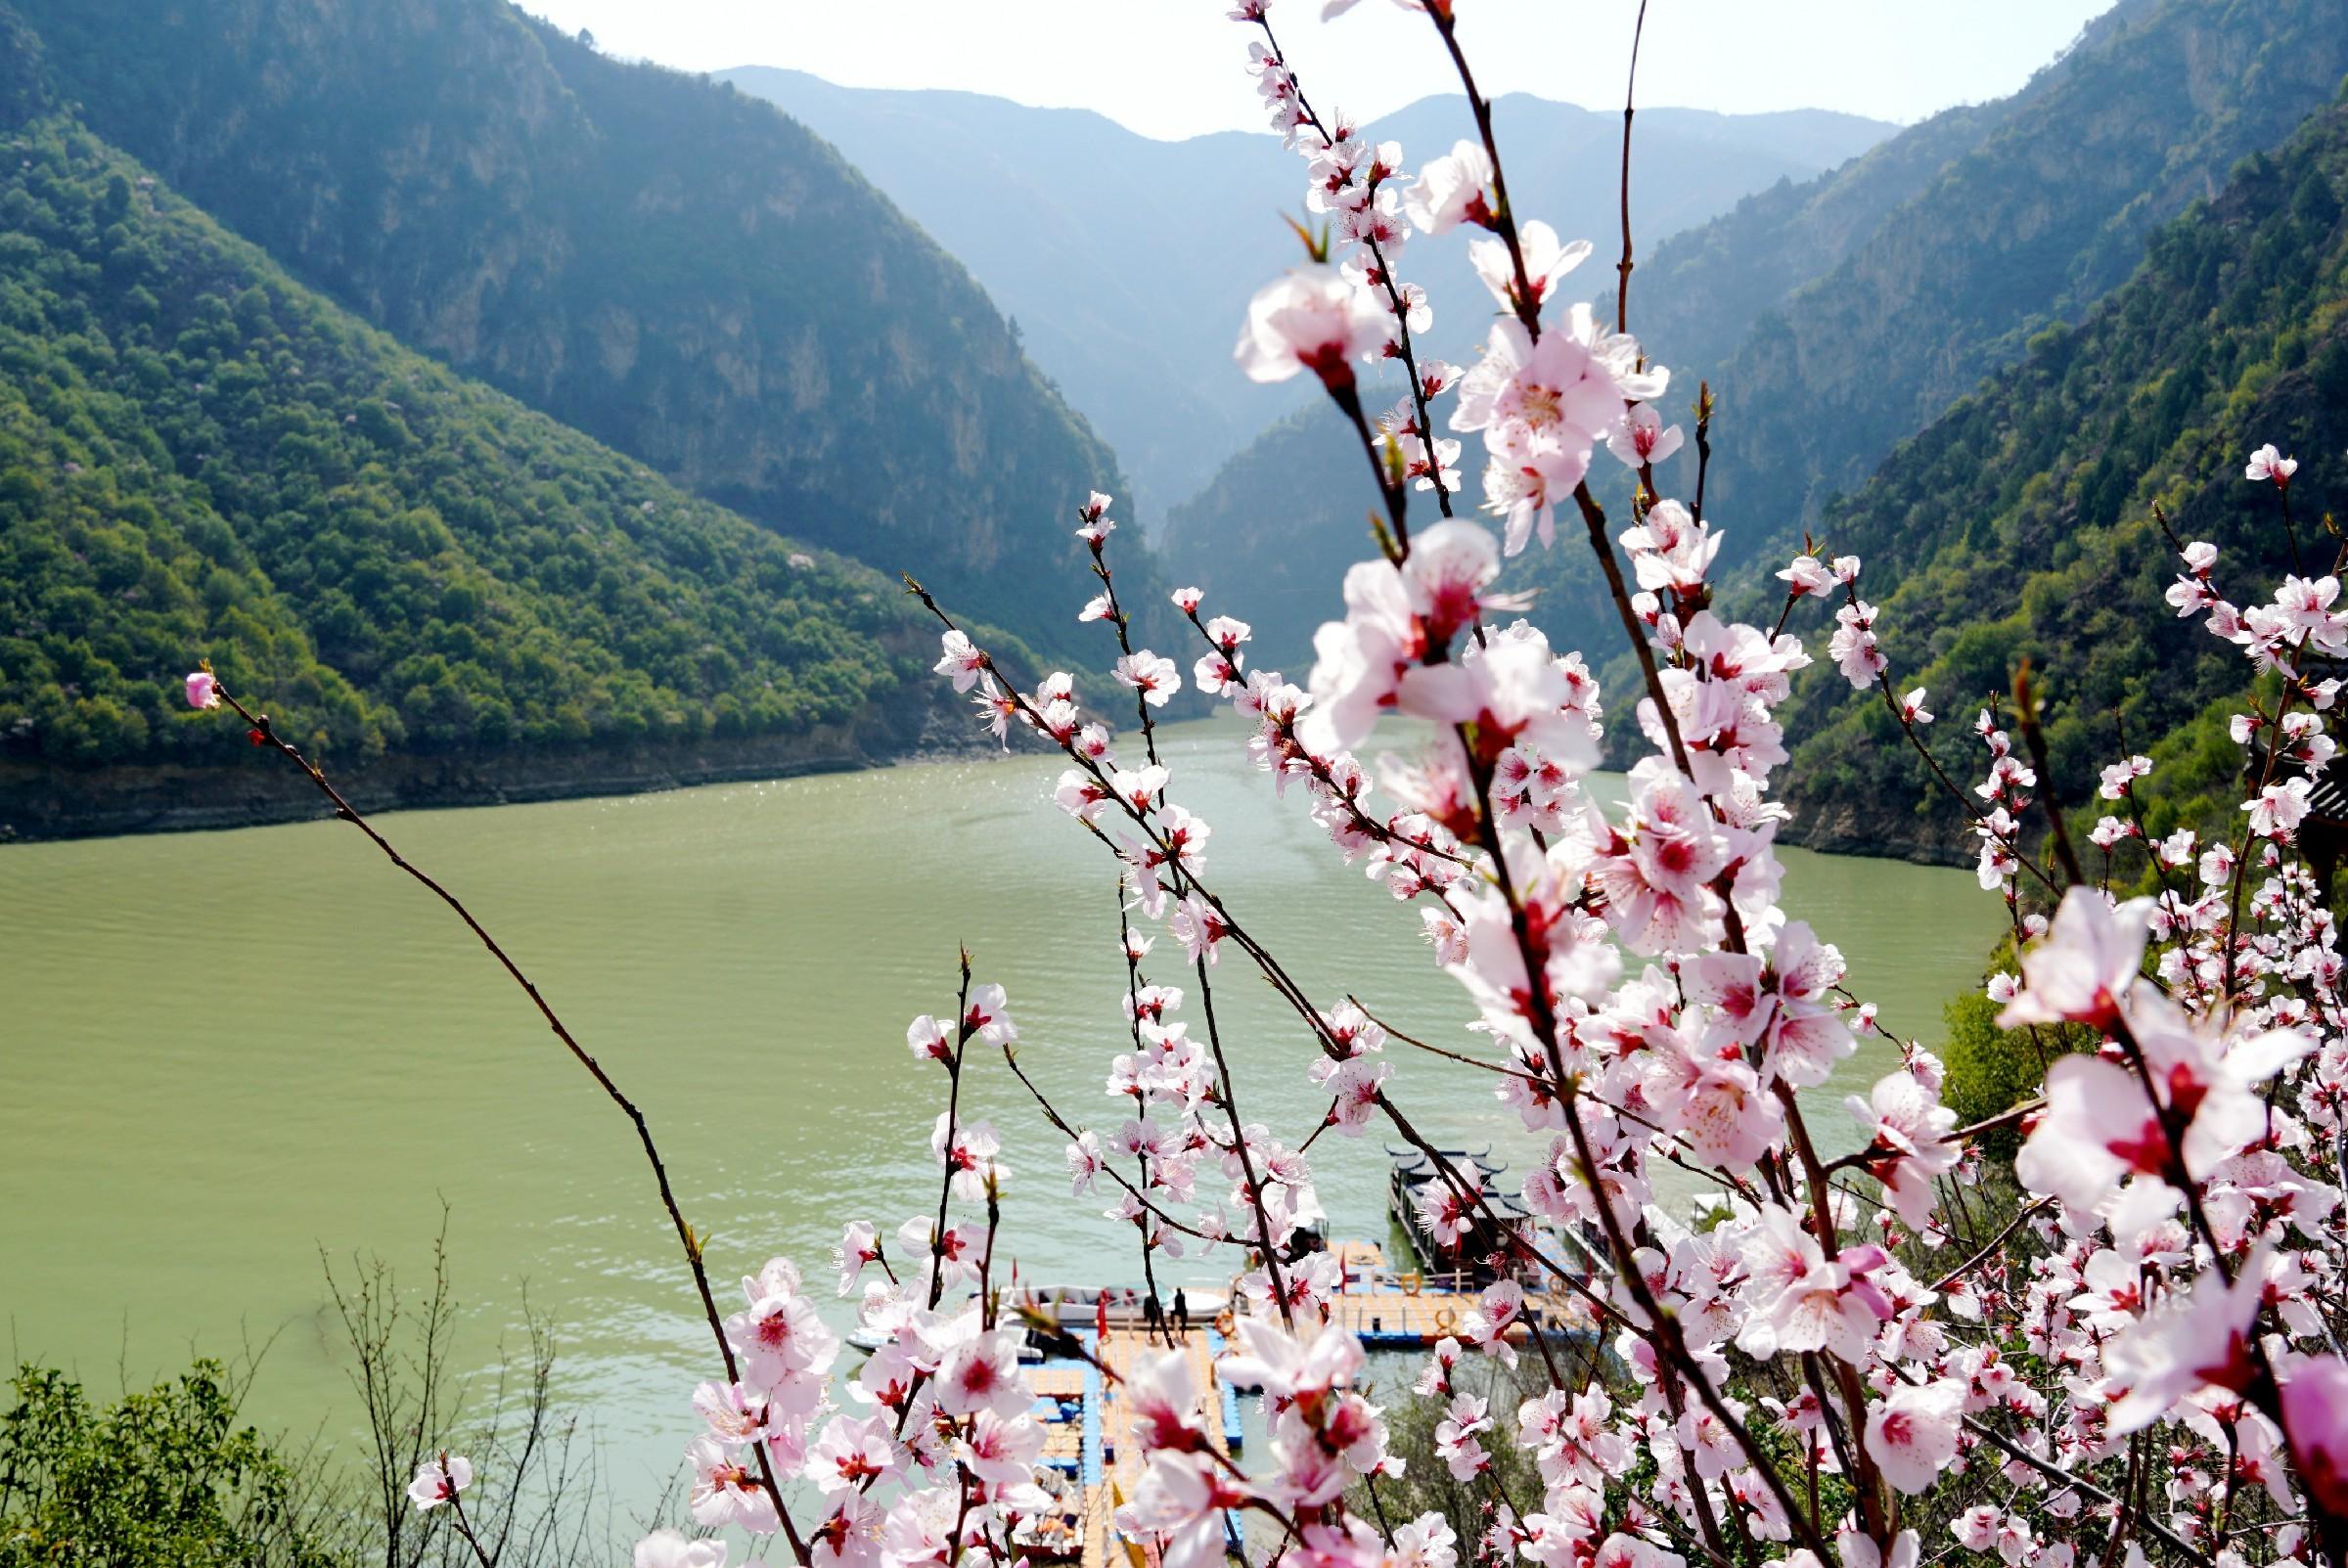 【春天里的陕西】郑国渠旅游风景区:山桃花如约绽放美如画